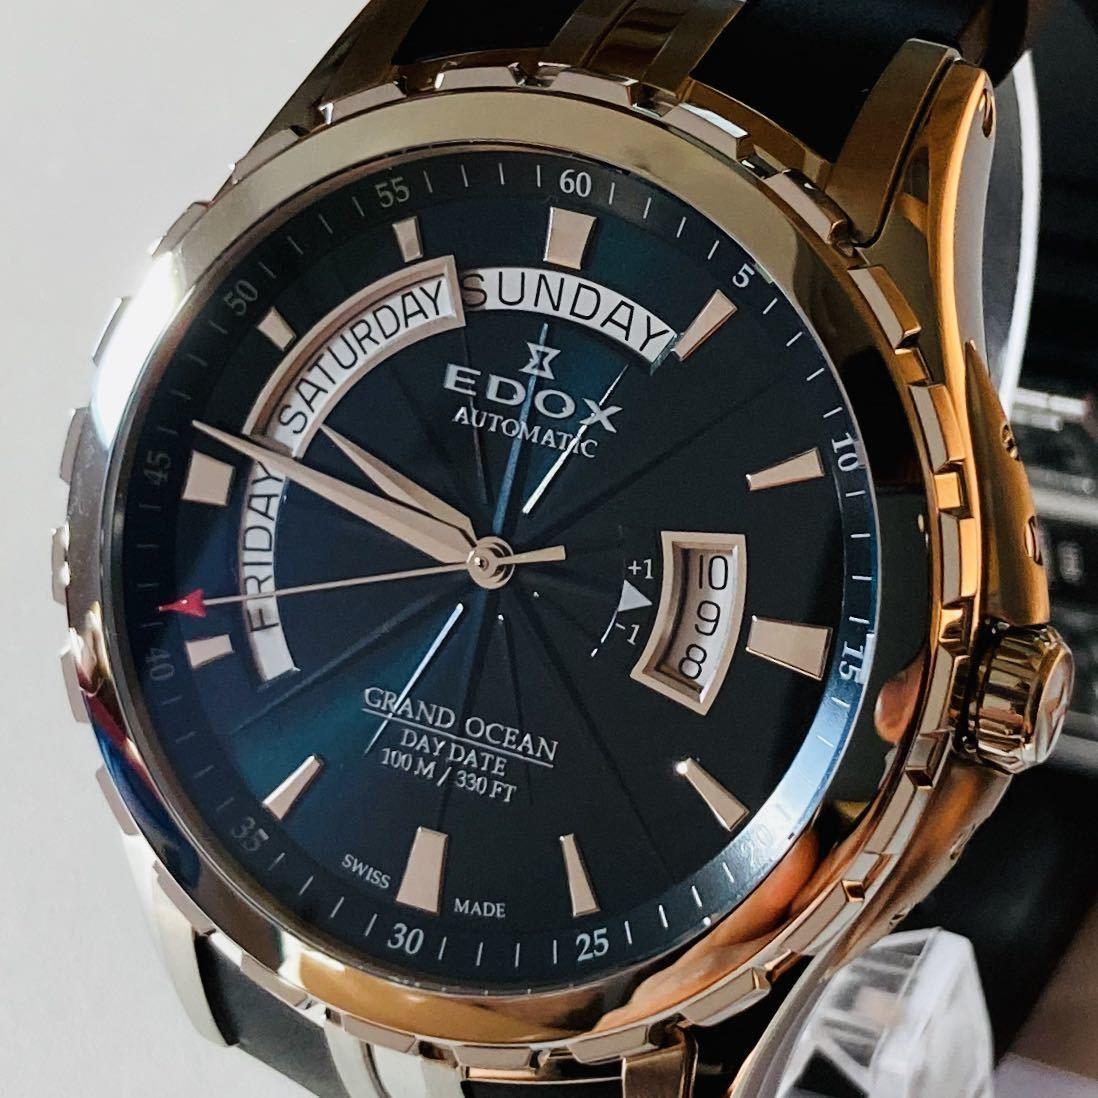 【新品未使用】定価約50万/エドックス/EDOX/グランドオーシャン/46mm/腕時計/ブラック/黒